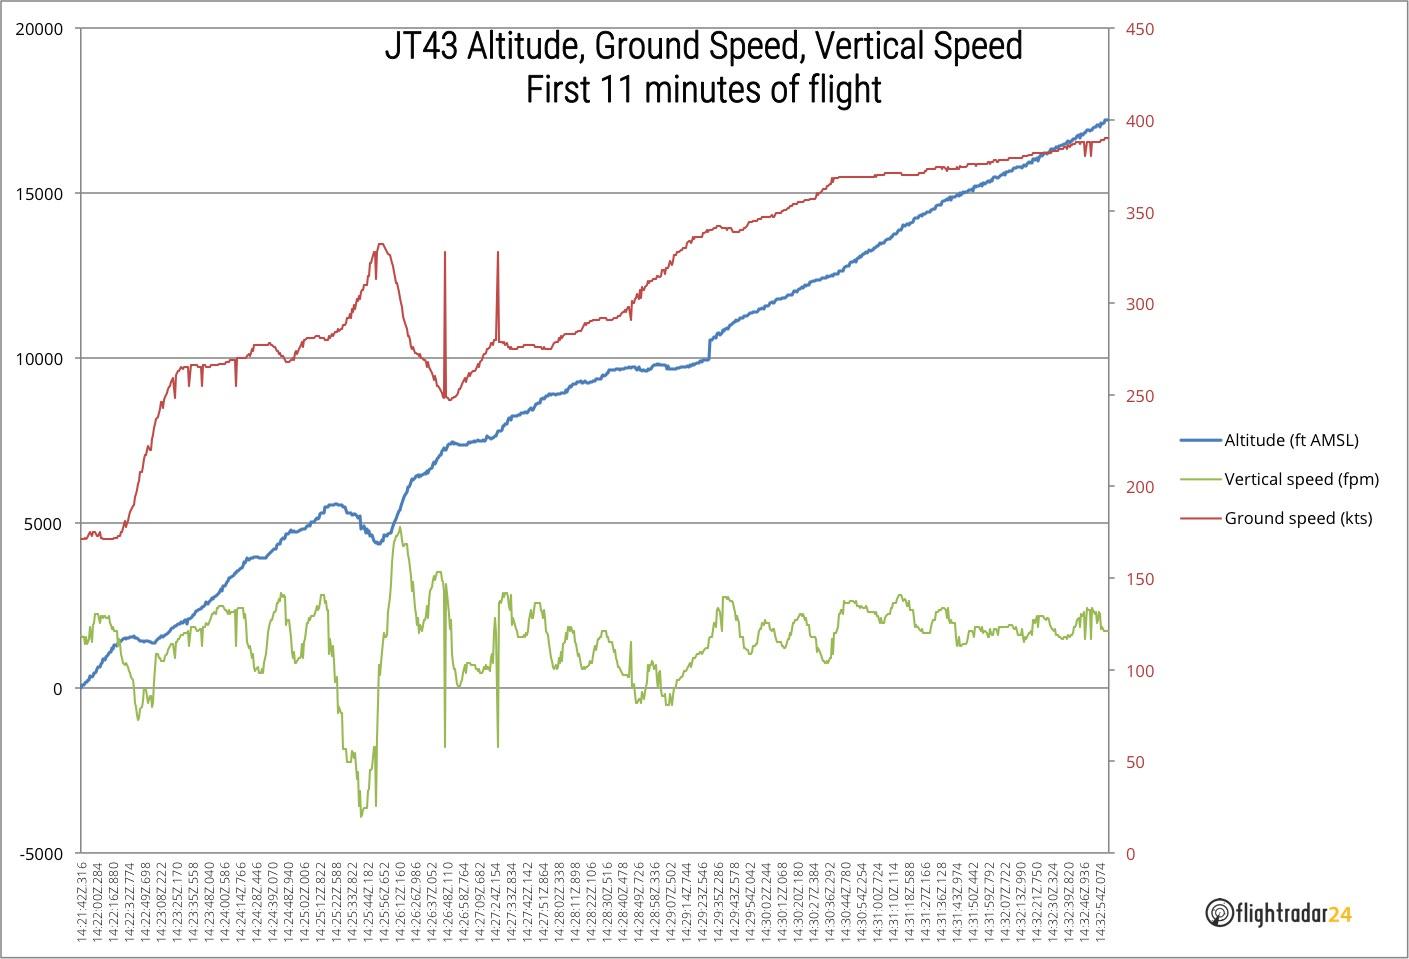 Flightradar24 Data Regarding Lion Air Flight JT610